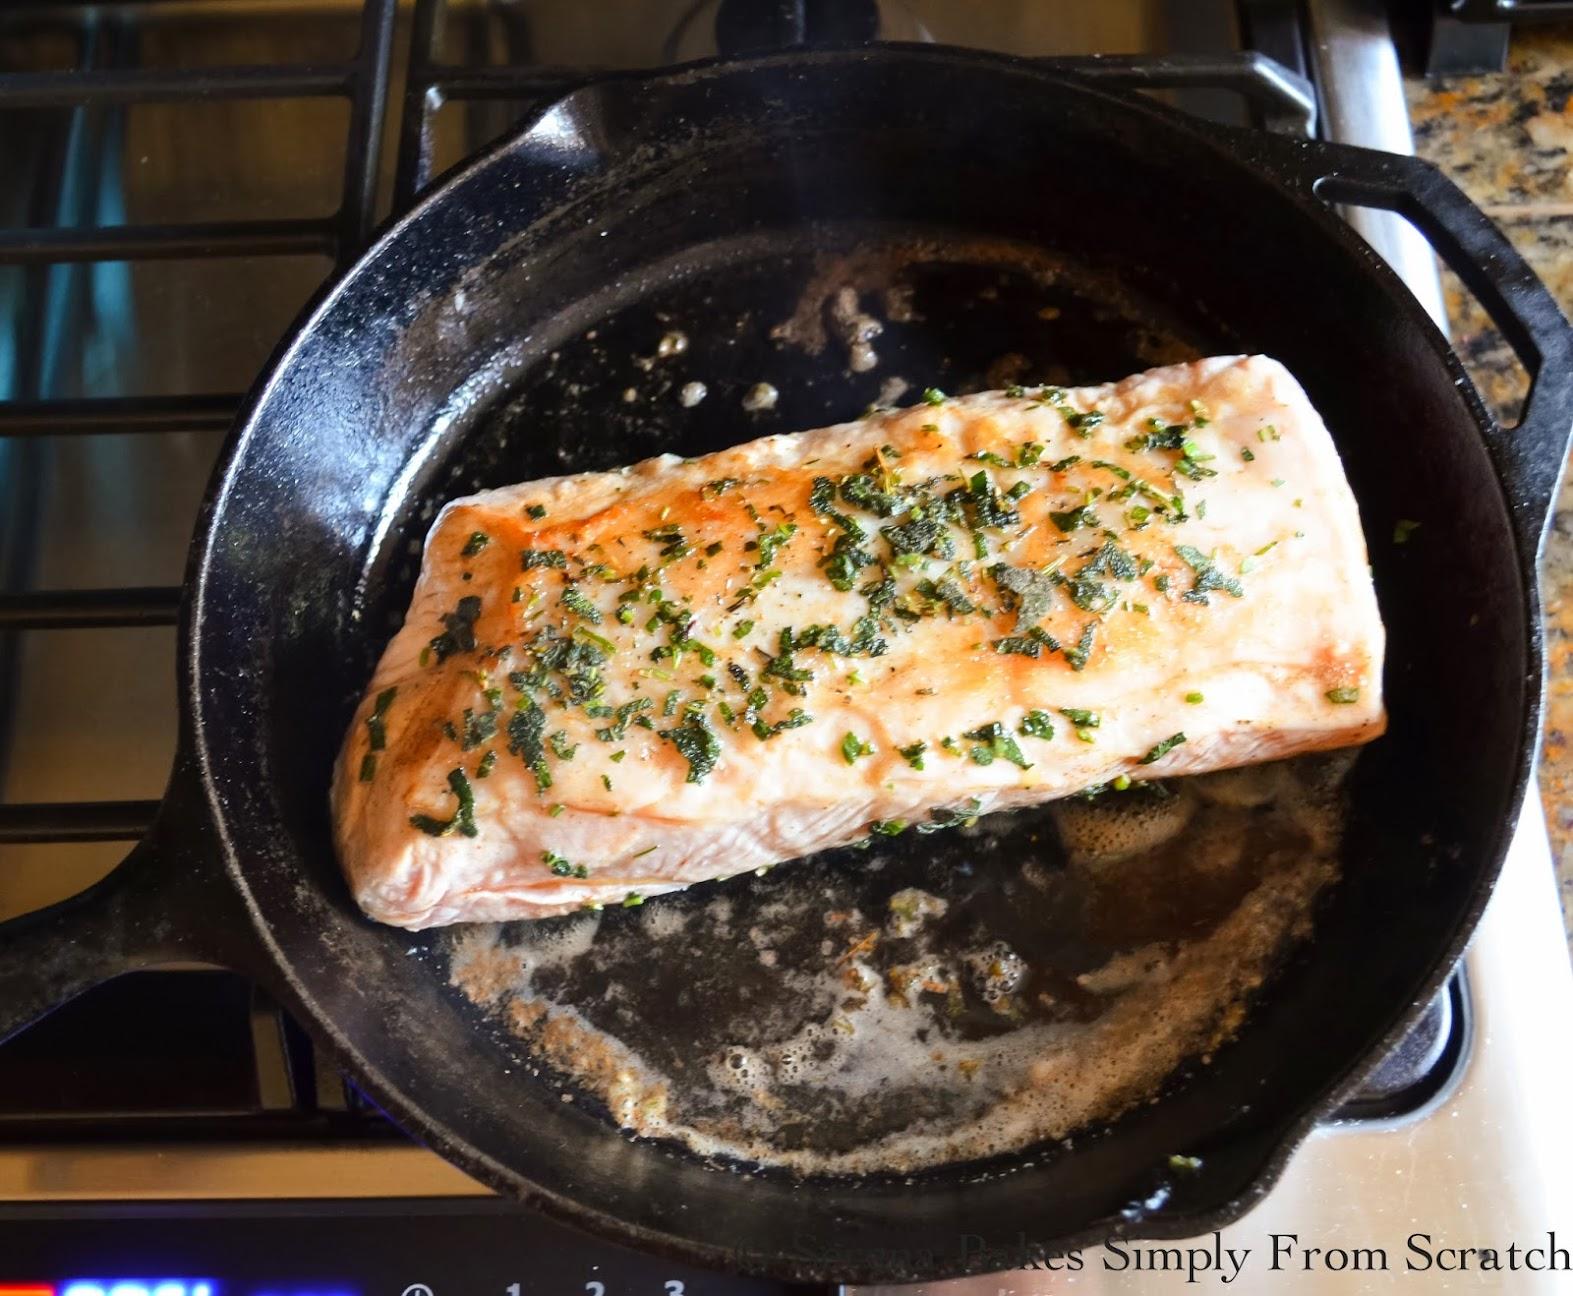 Rosemary-Sage-Pork-Loin-Roast-Bake.jpg